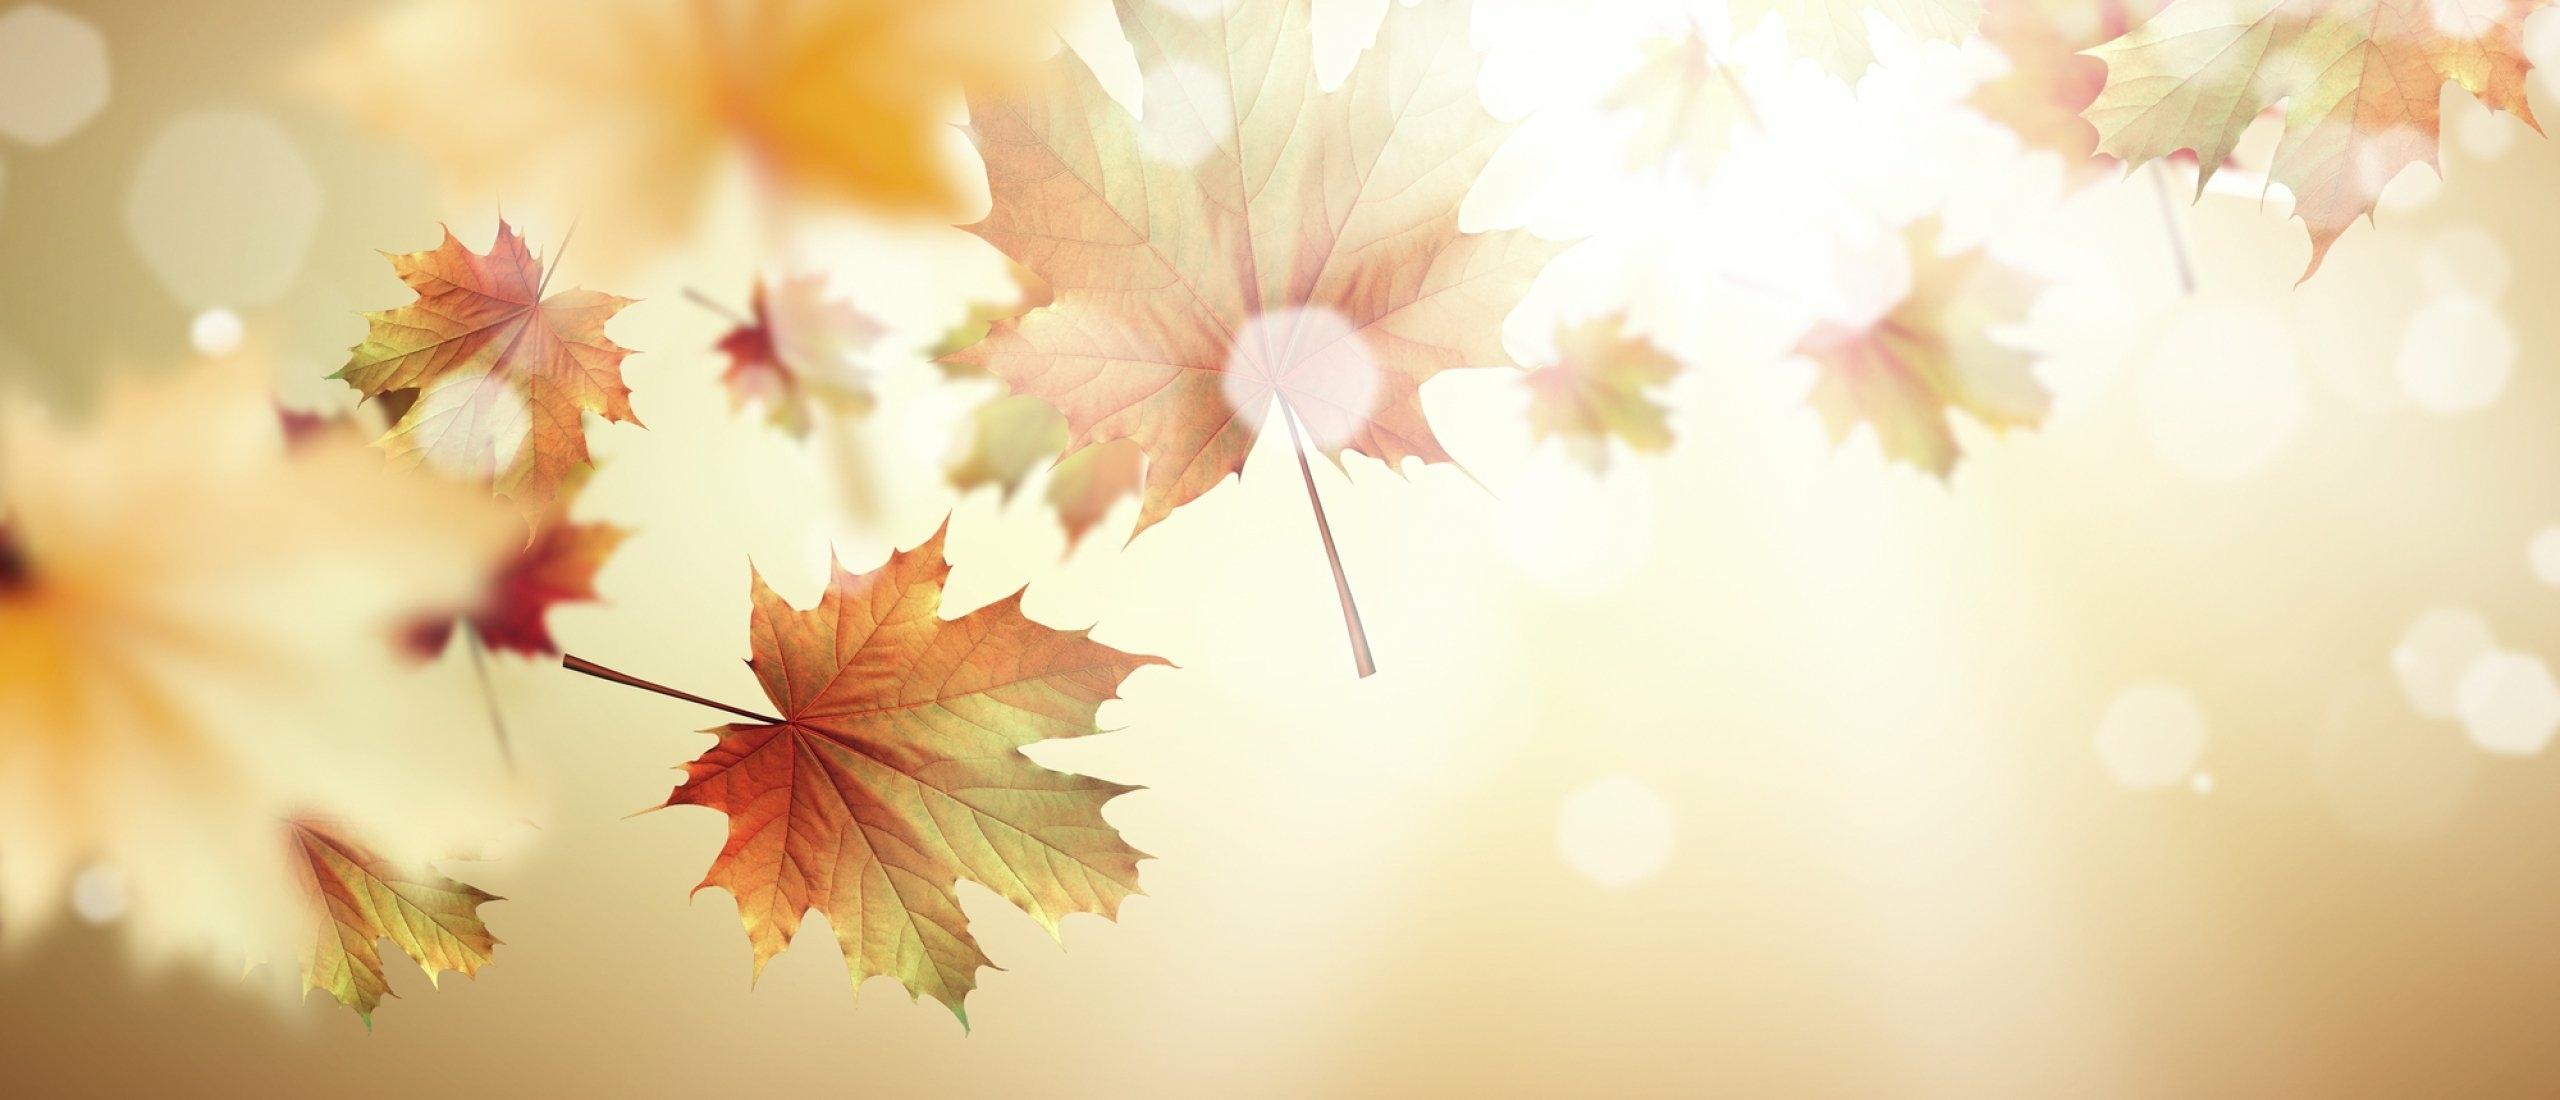 Herfst opkomst? Ondersteun je immuunsysteem en denk vooral aan antioxidanten